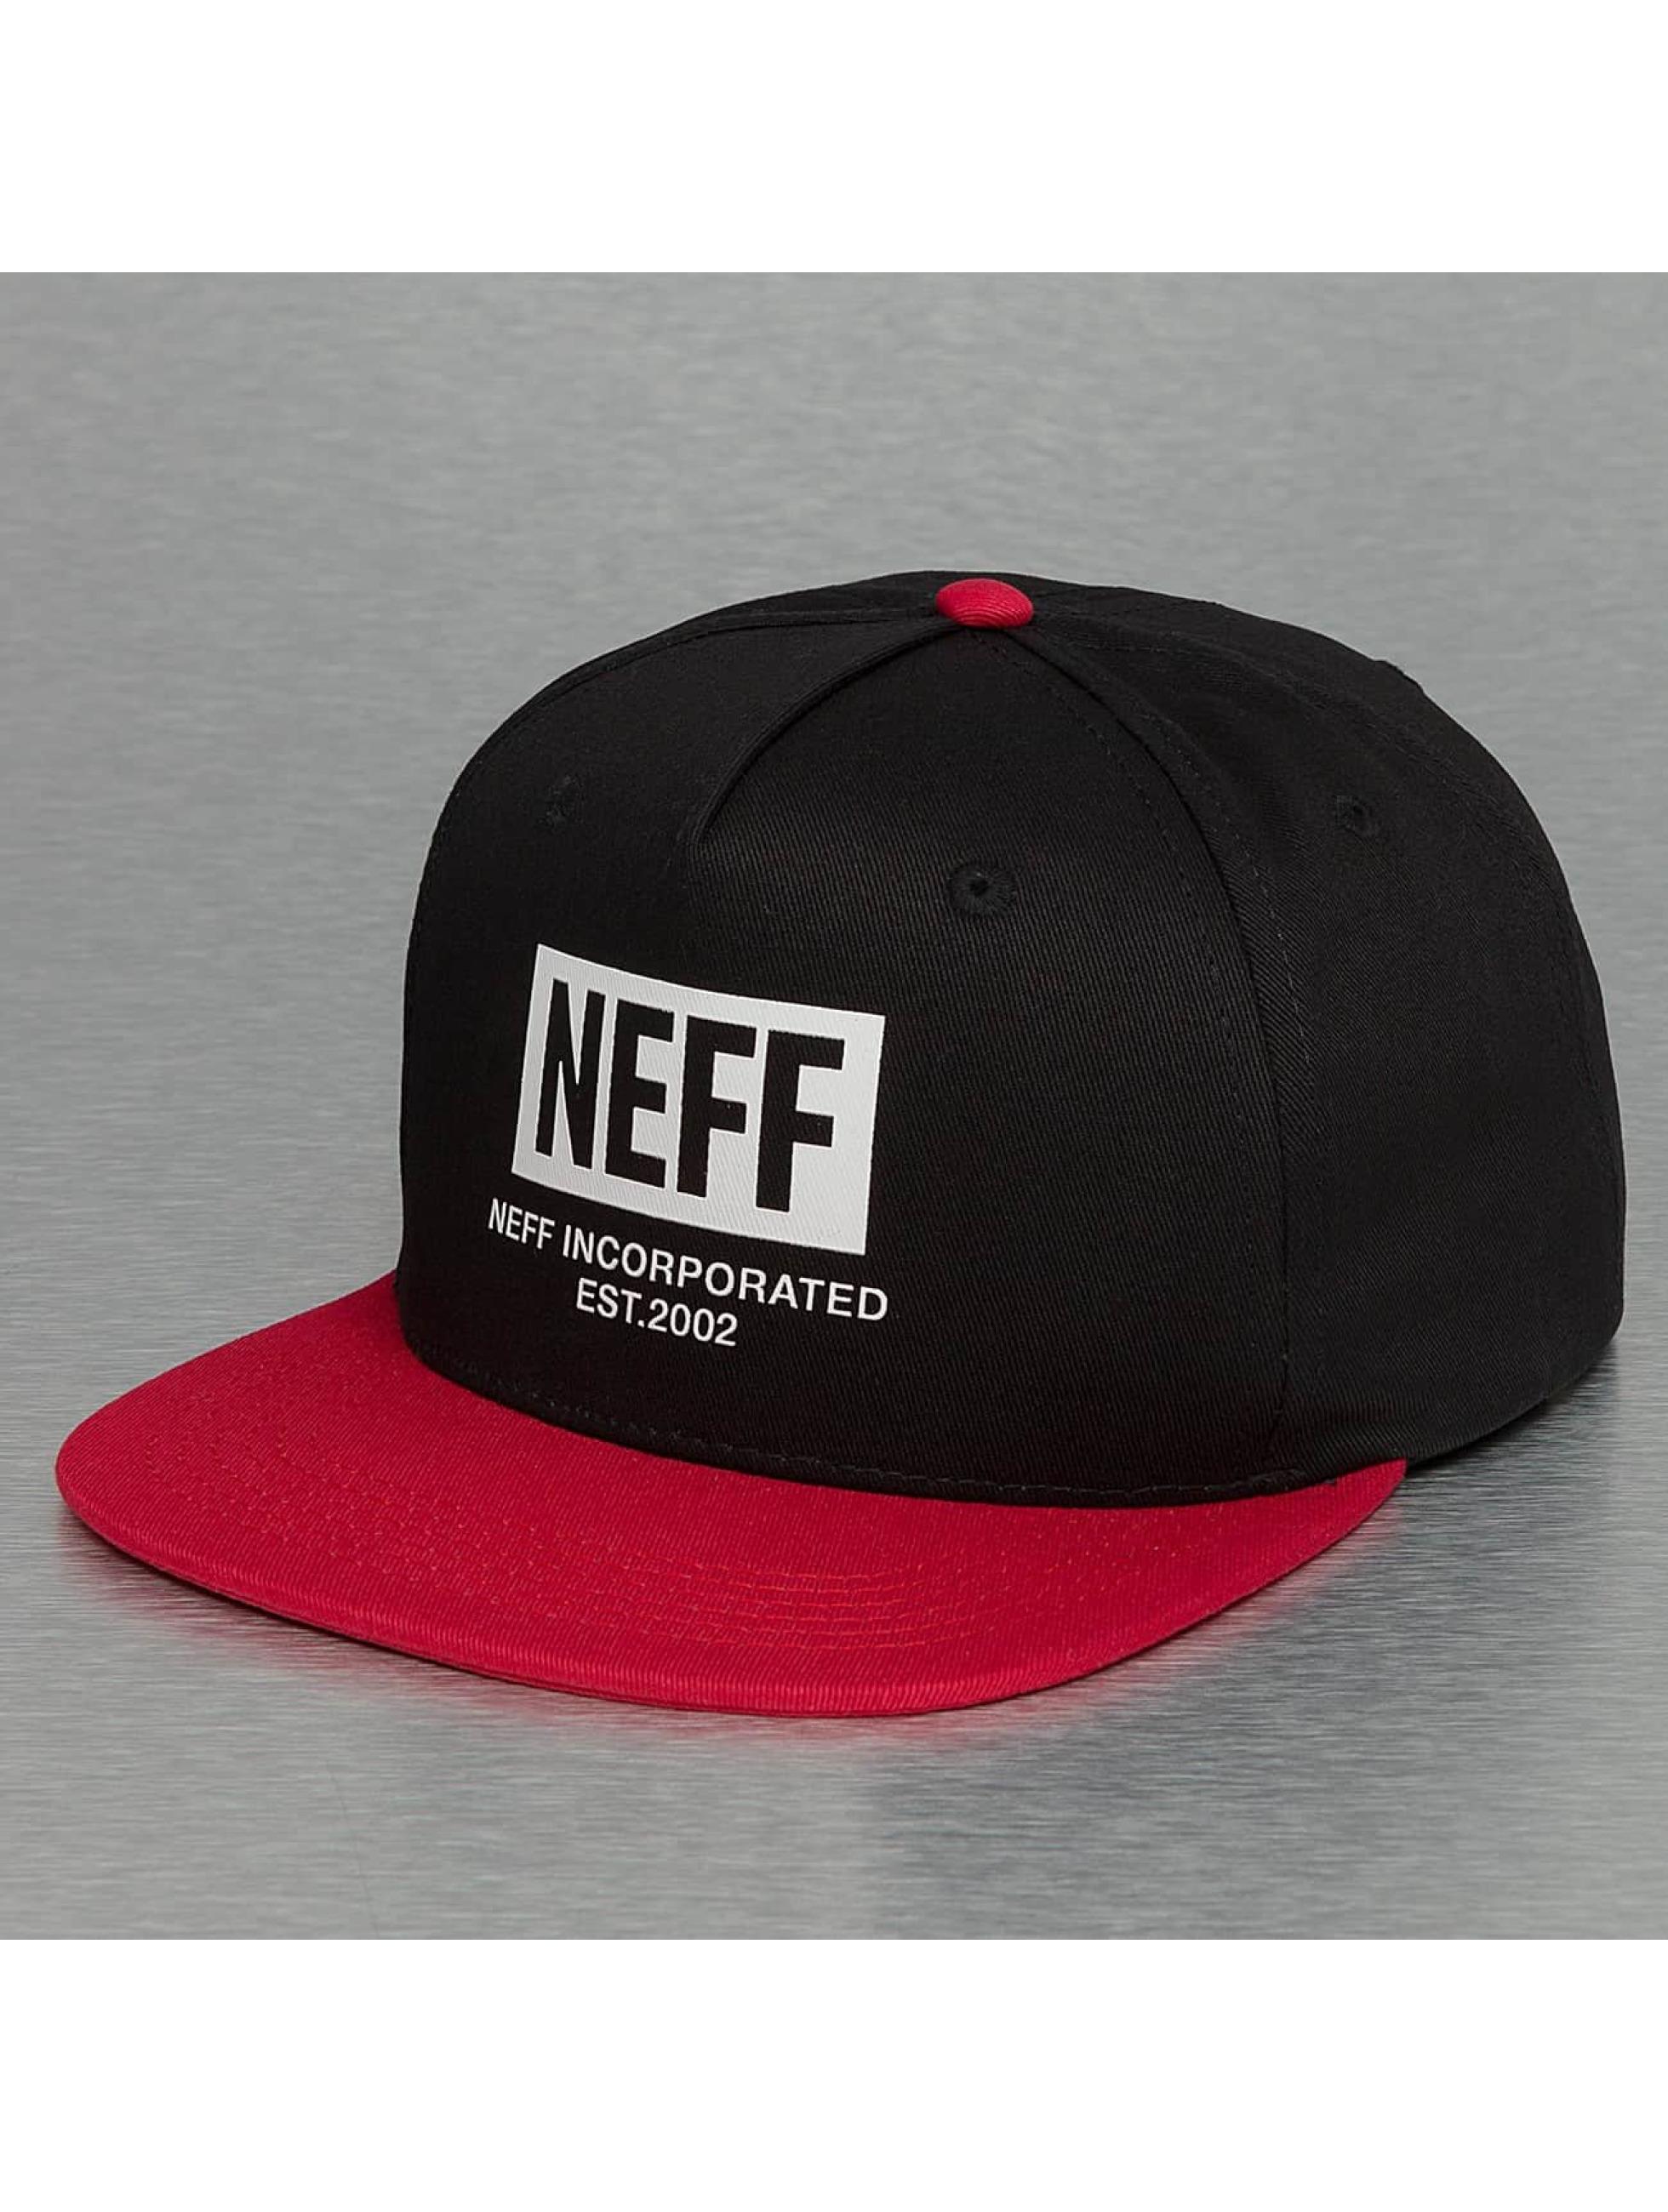 NEFF Männer,Frauen Snapback Cap New World in schwarz